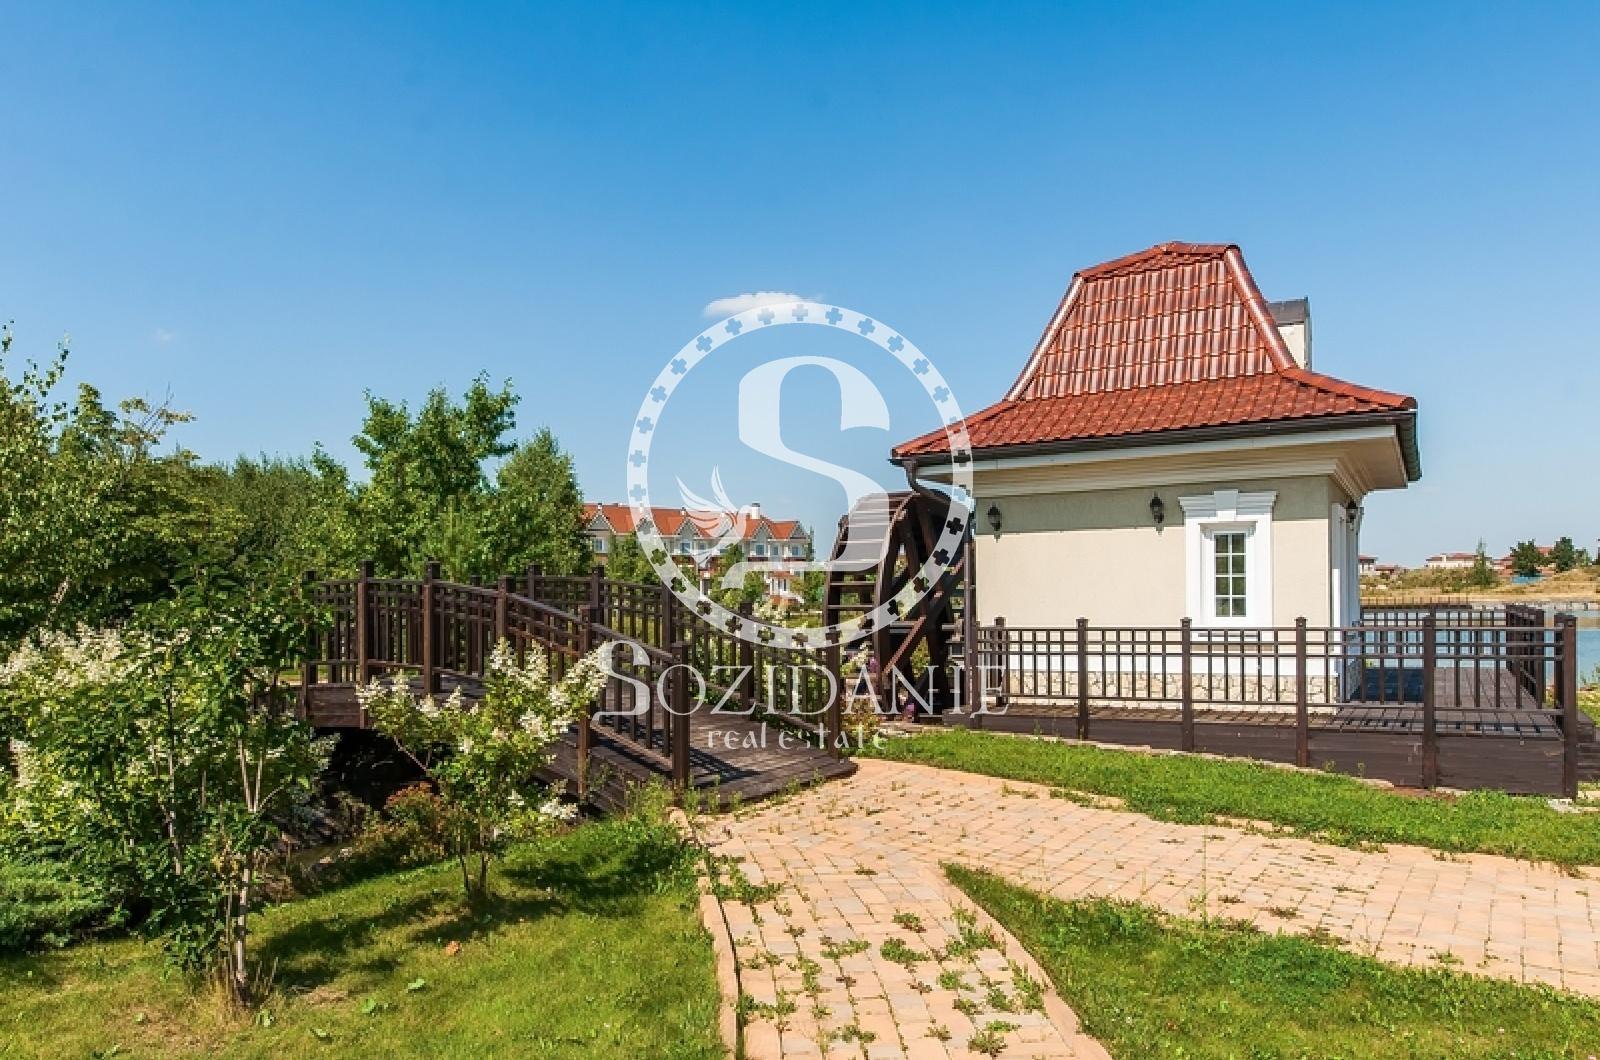 4 Bedrooms, Загородная, Продажа, Listing ID 1425, Московская область, Россия,